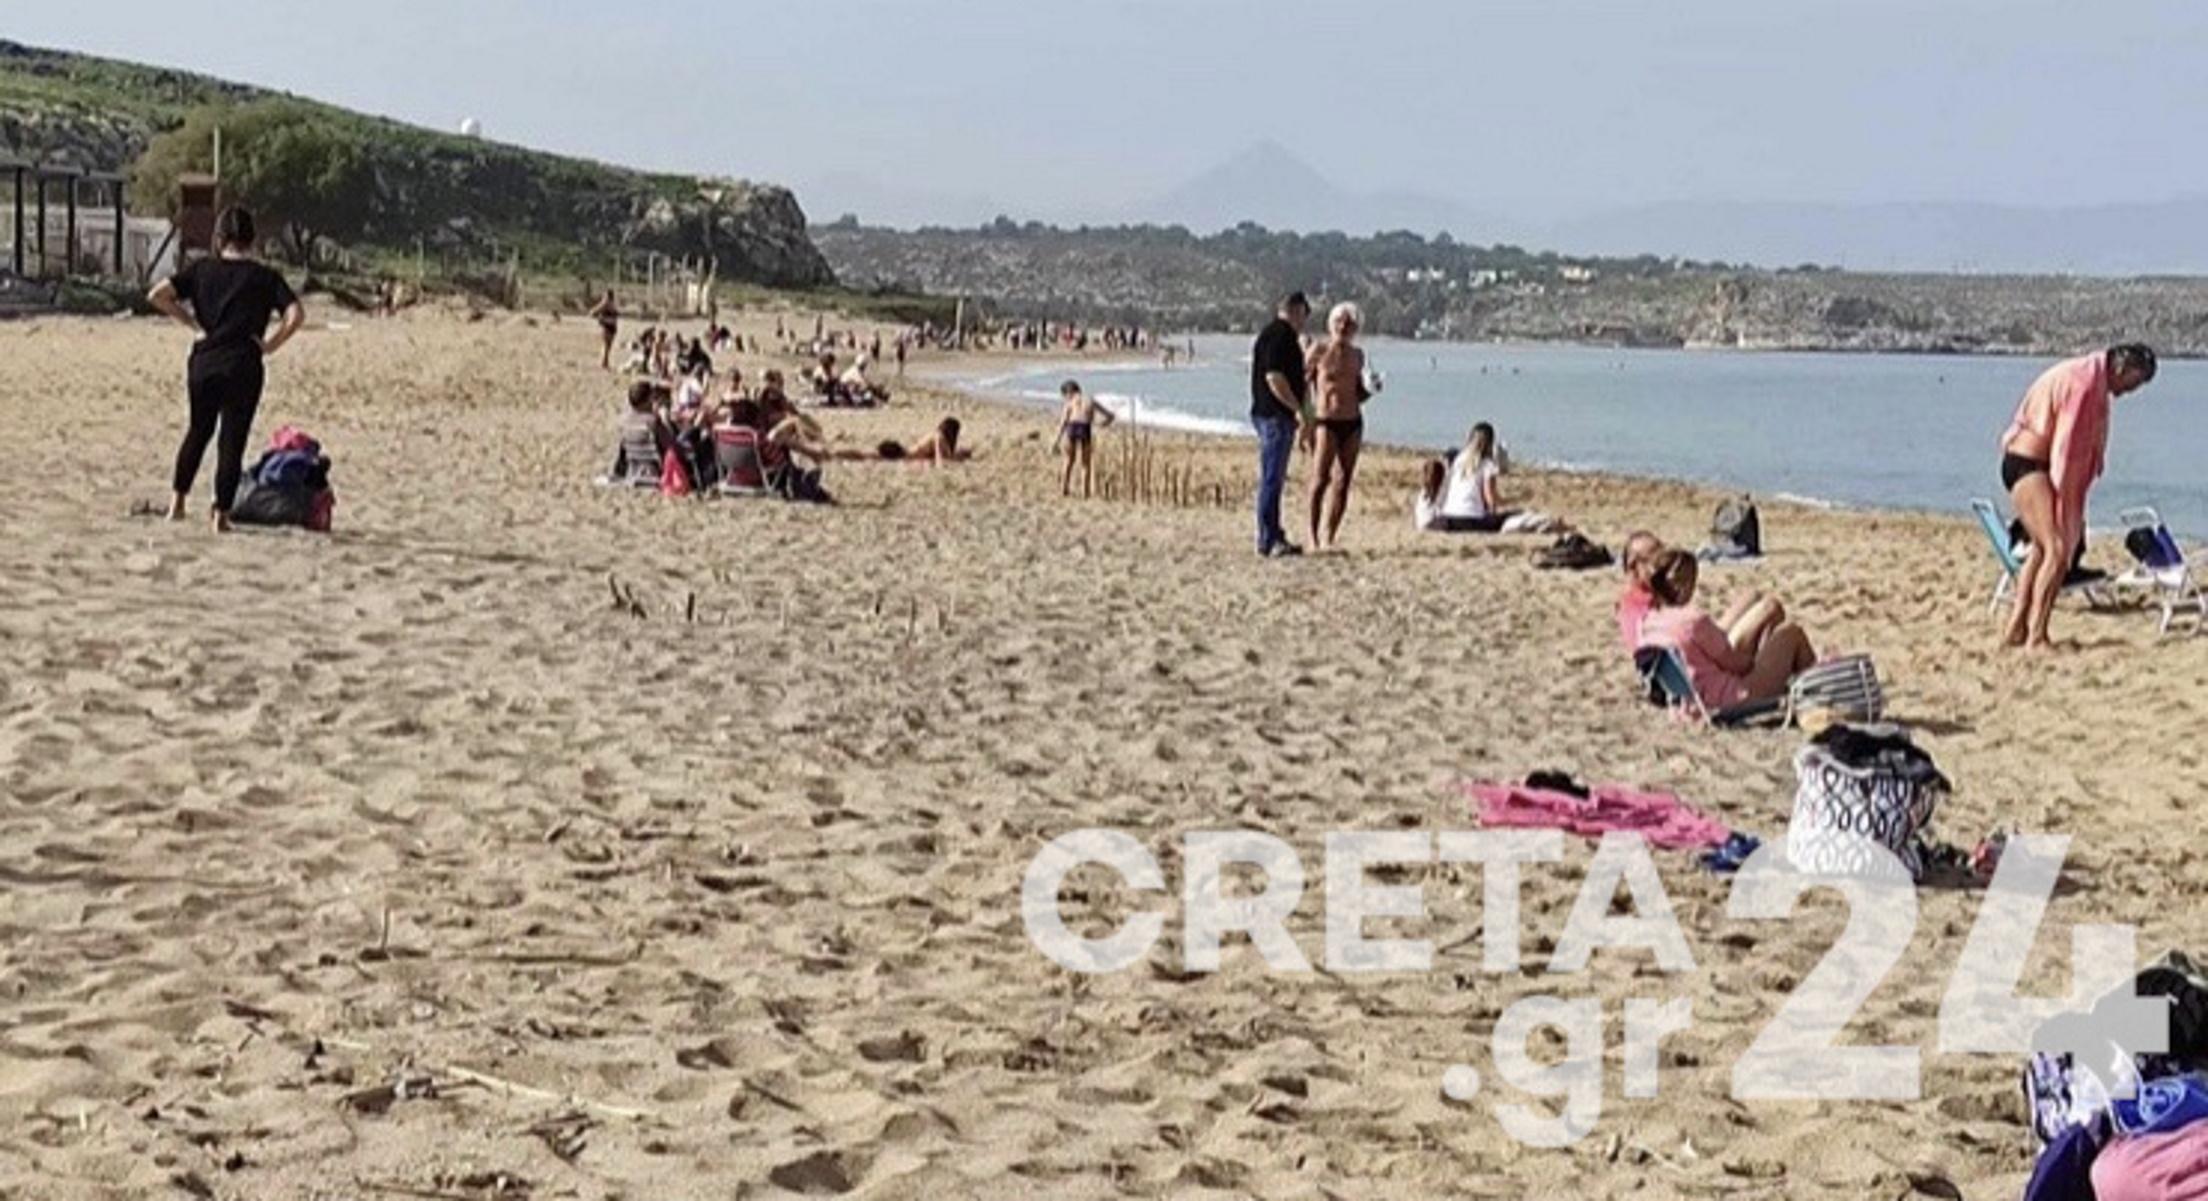 Πλημμύρισαν οι παραλίες Γενάρη μήνα – «Φλερτάρει» με τους 30 ο υδράργυρος (pics)